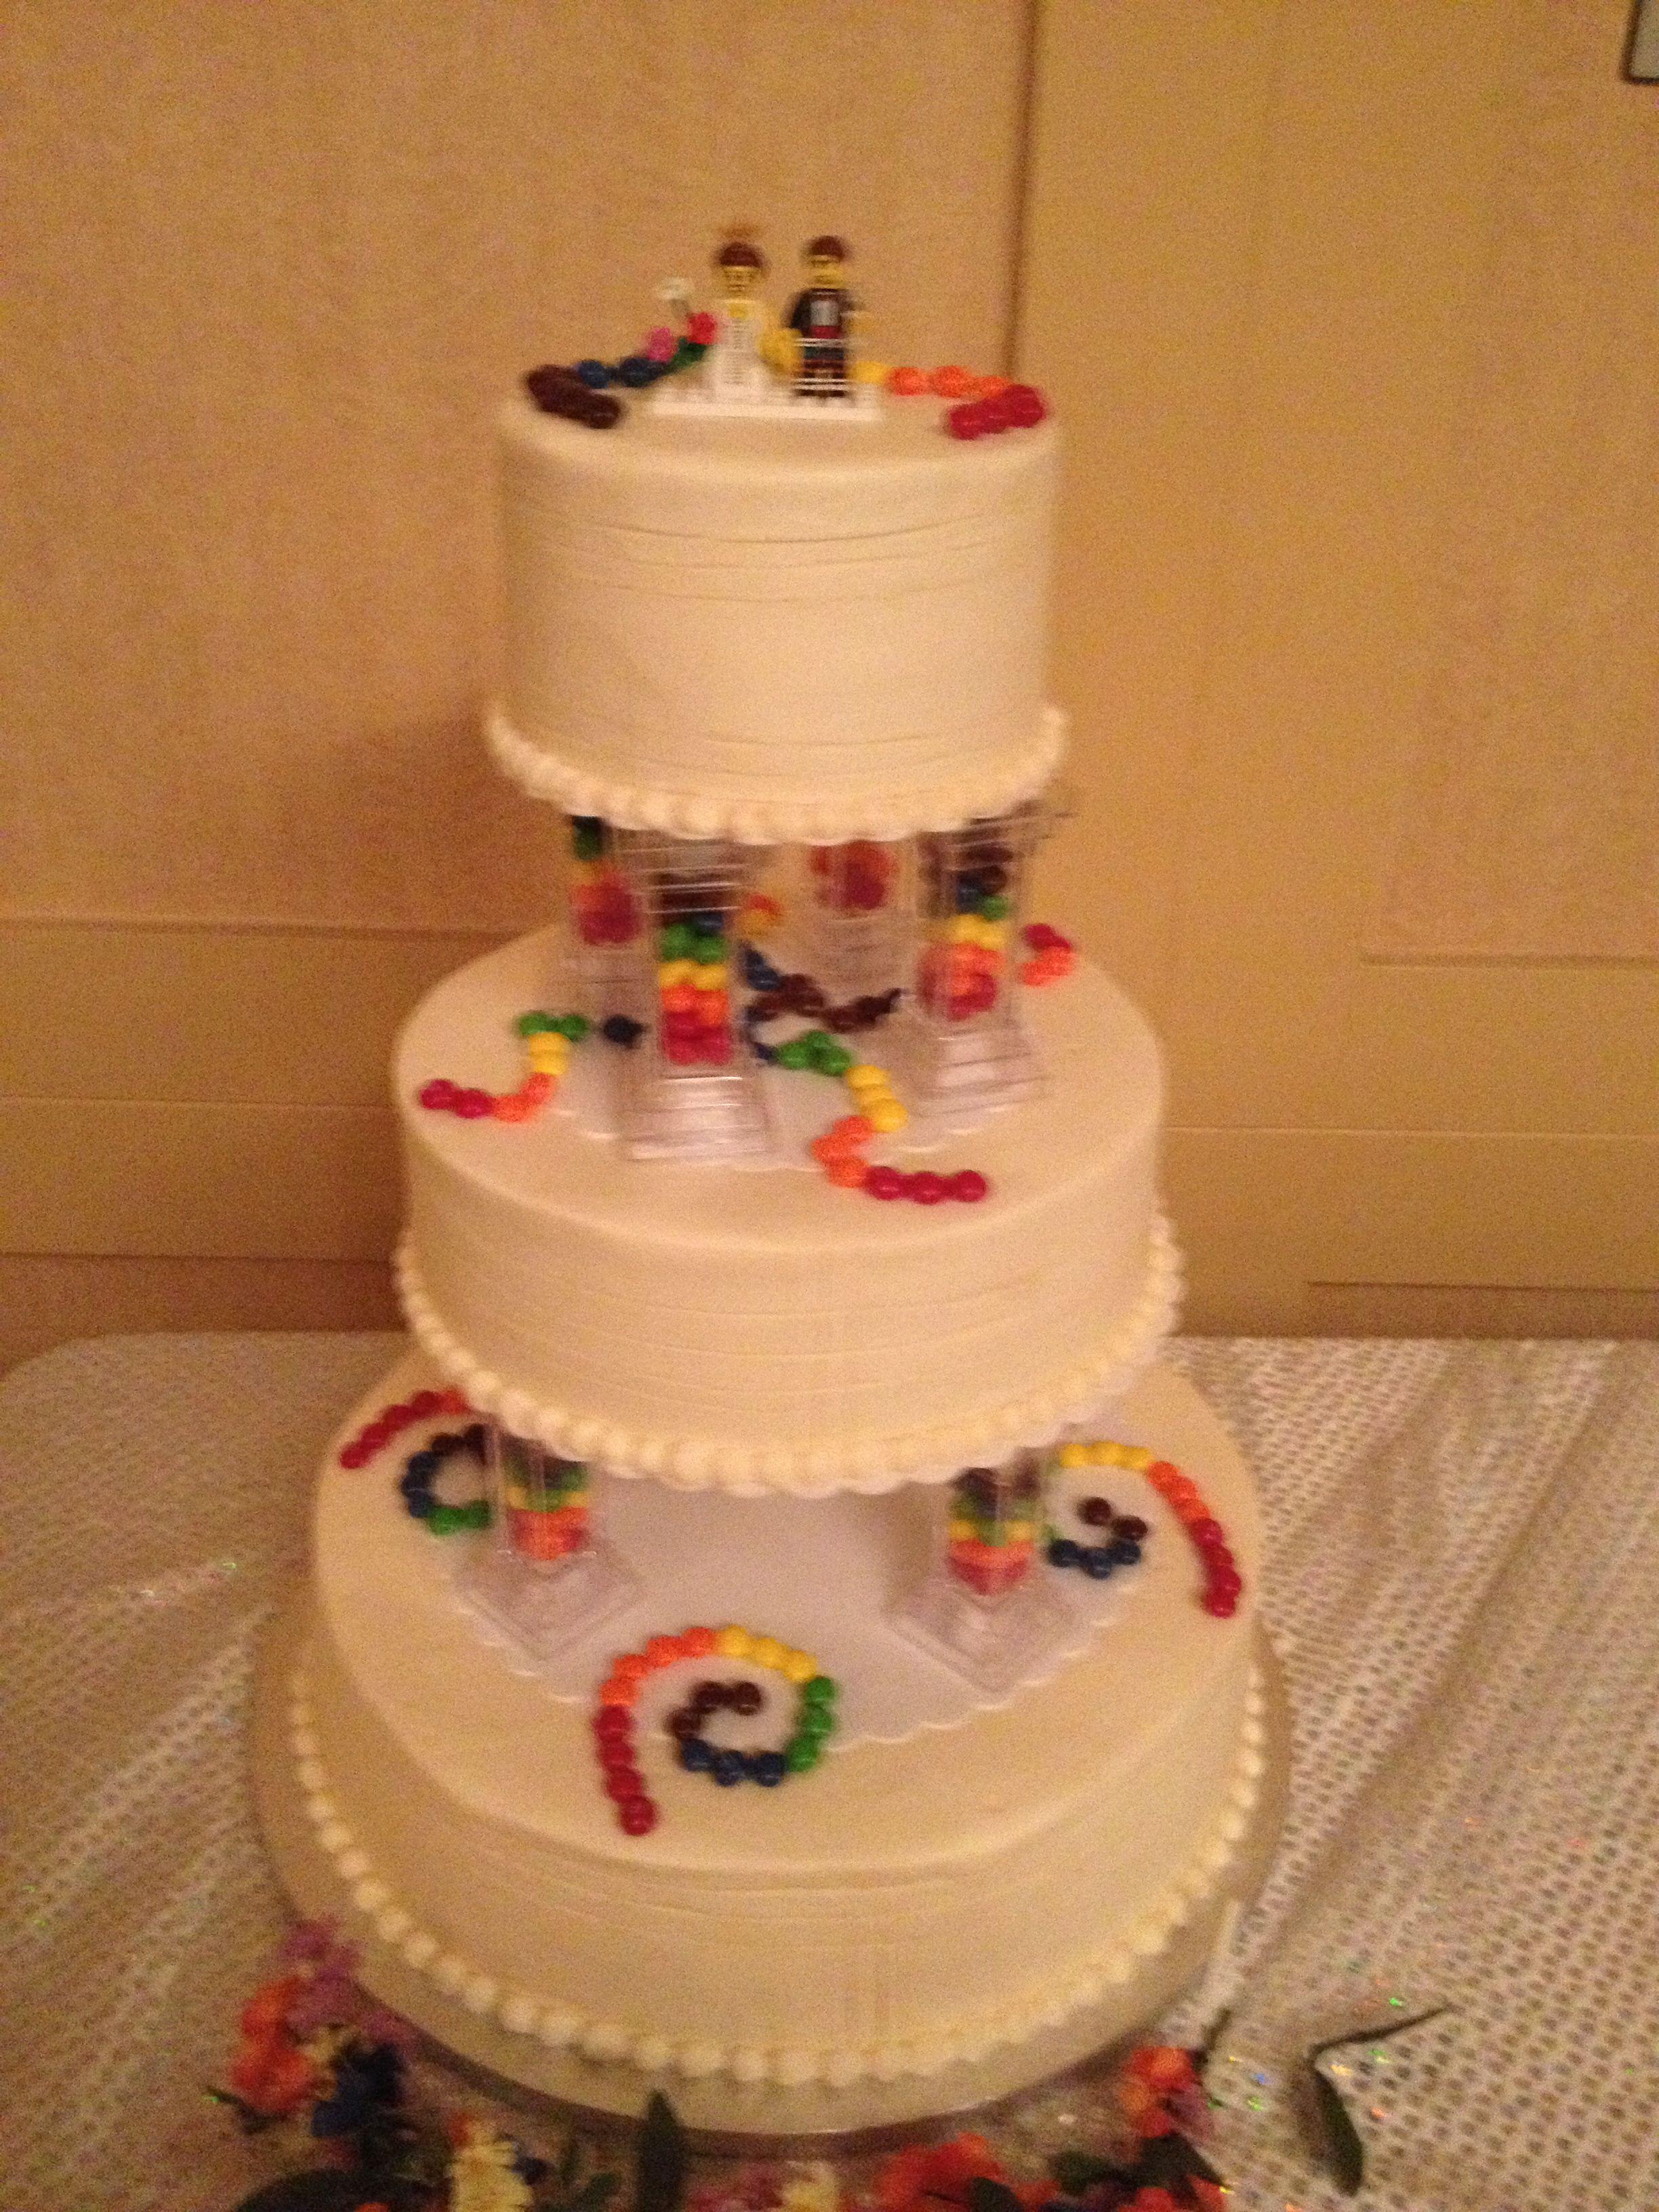 Fun candylego cake vegan cakes houston lego cake